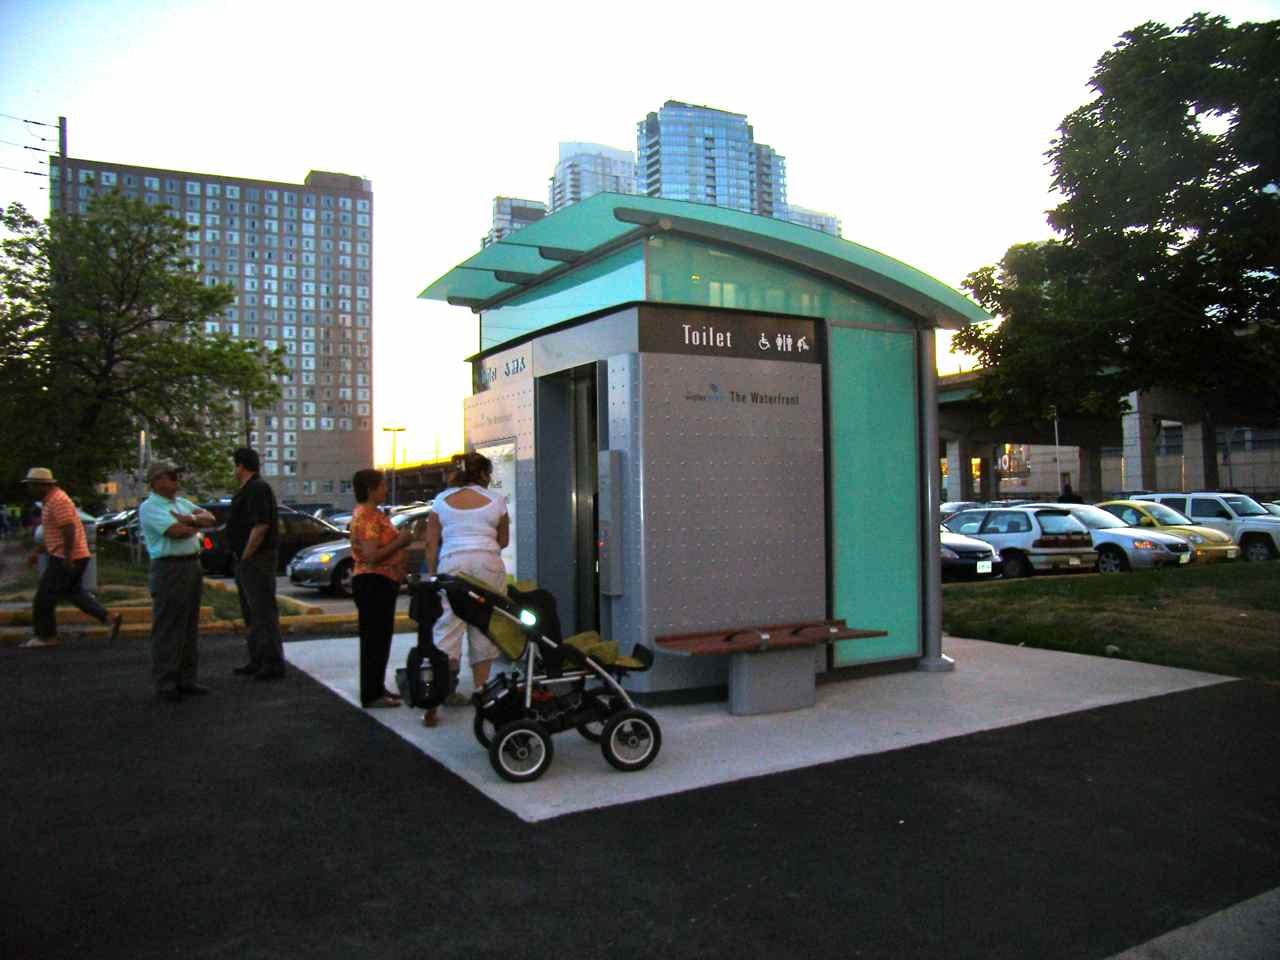 Toronto para Insiders: Primeiro banheiro público pago de Toronto  #377B94 1280 960